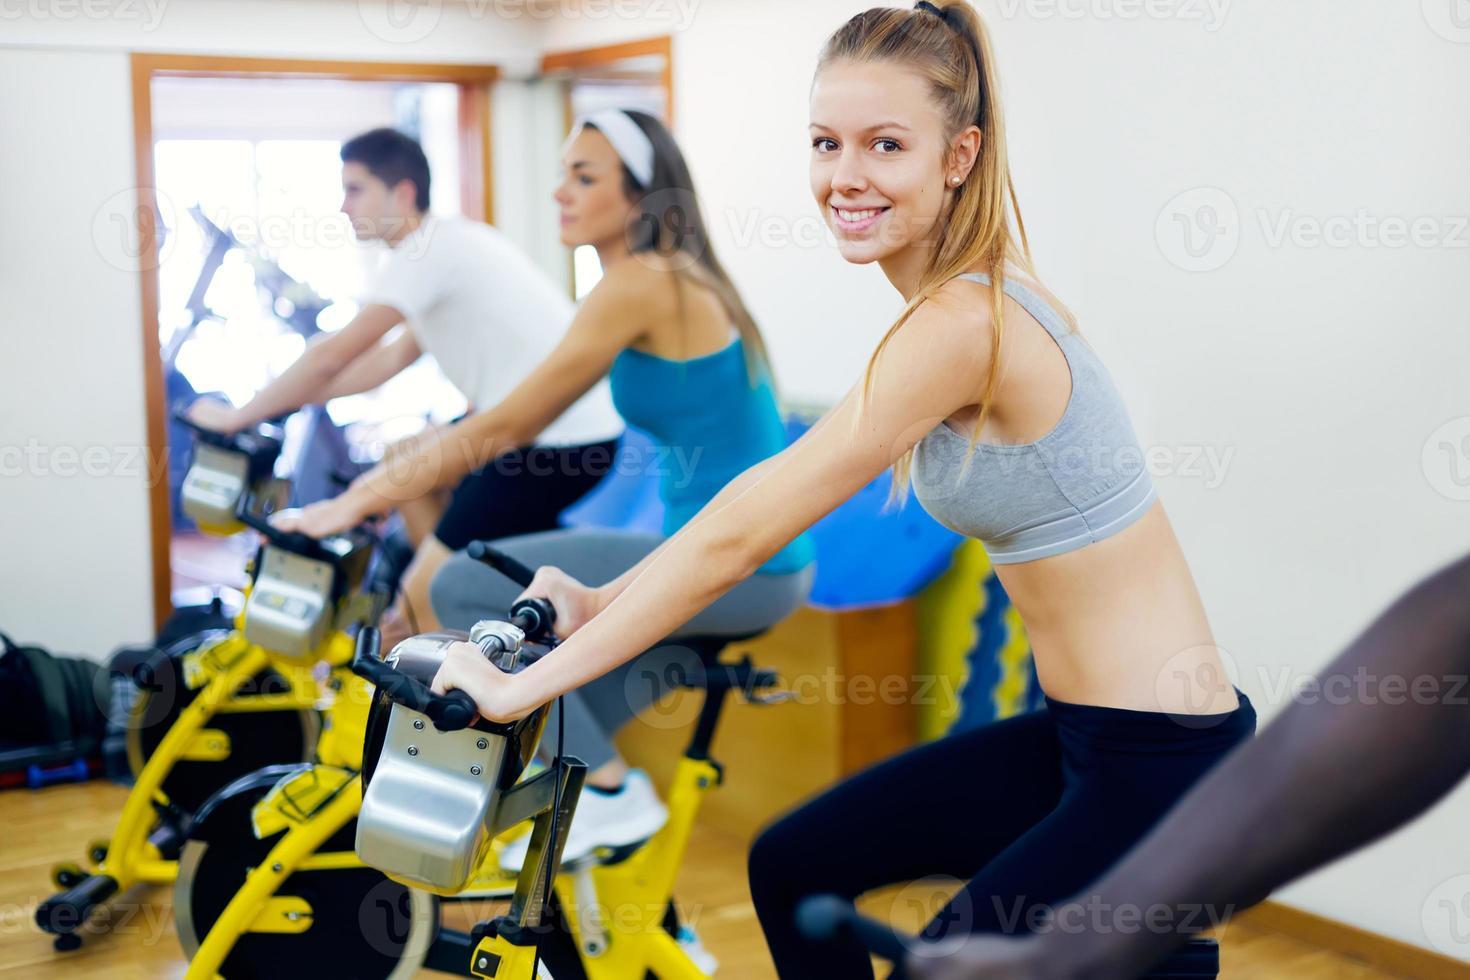 Jugendliche mit Fitnessfahrrad im Fitnessstudio. foto